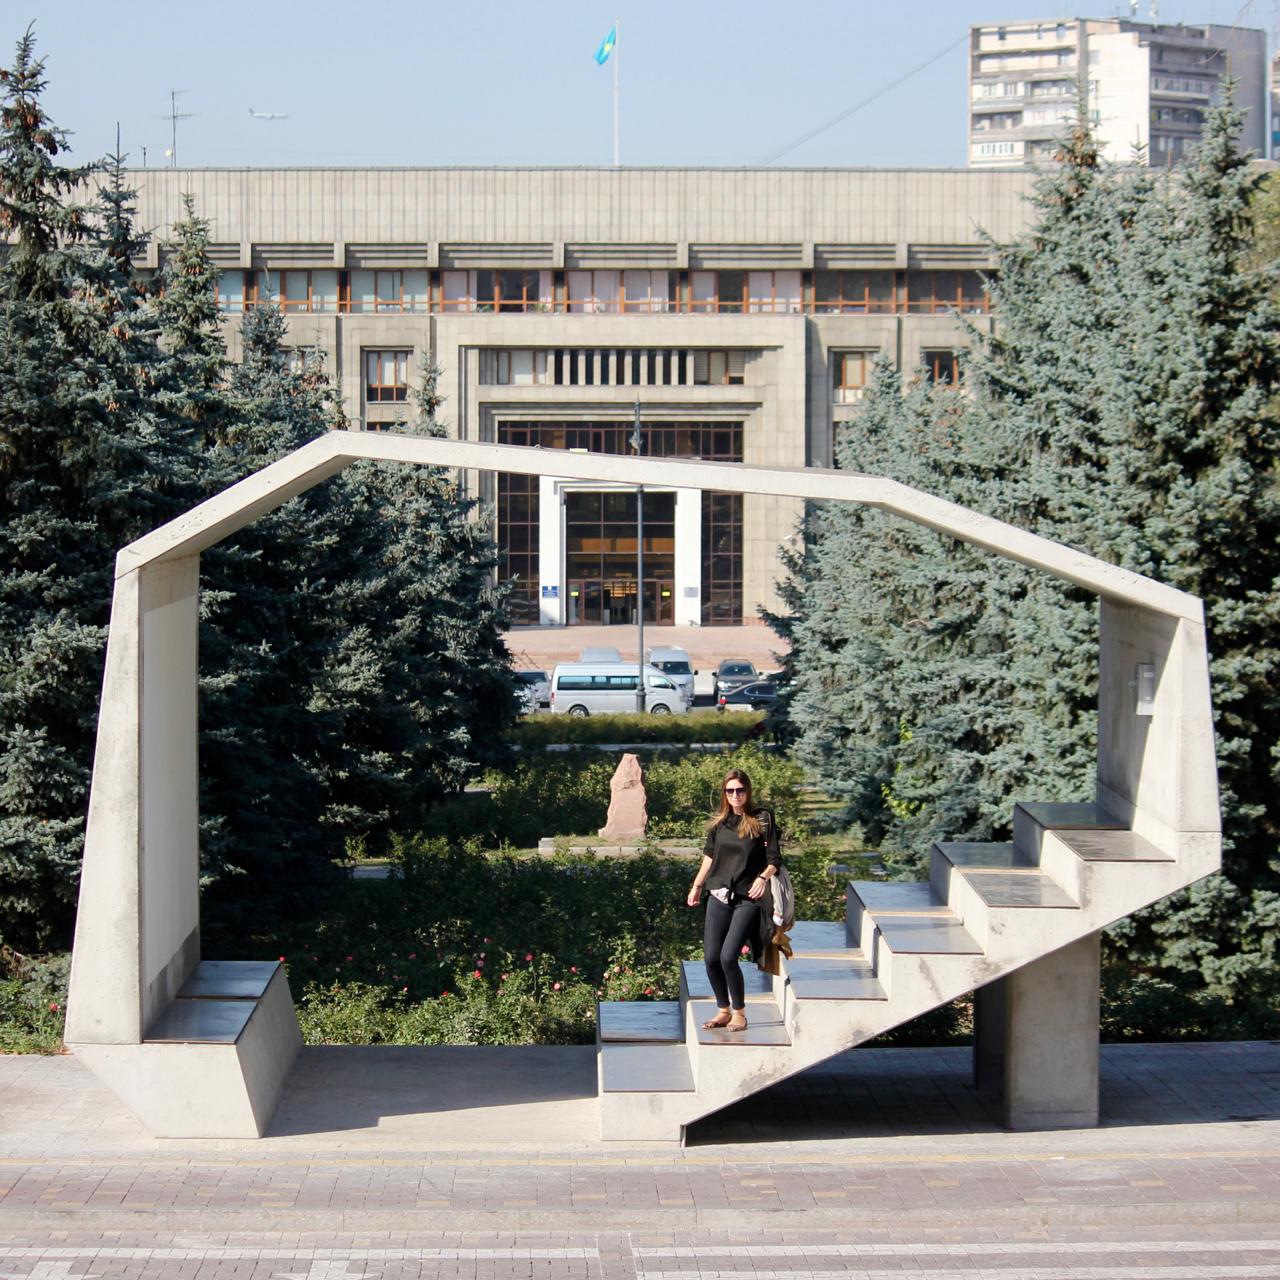 Almaty, Kazakhstan - 3